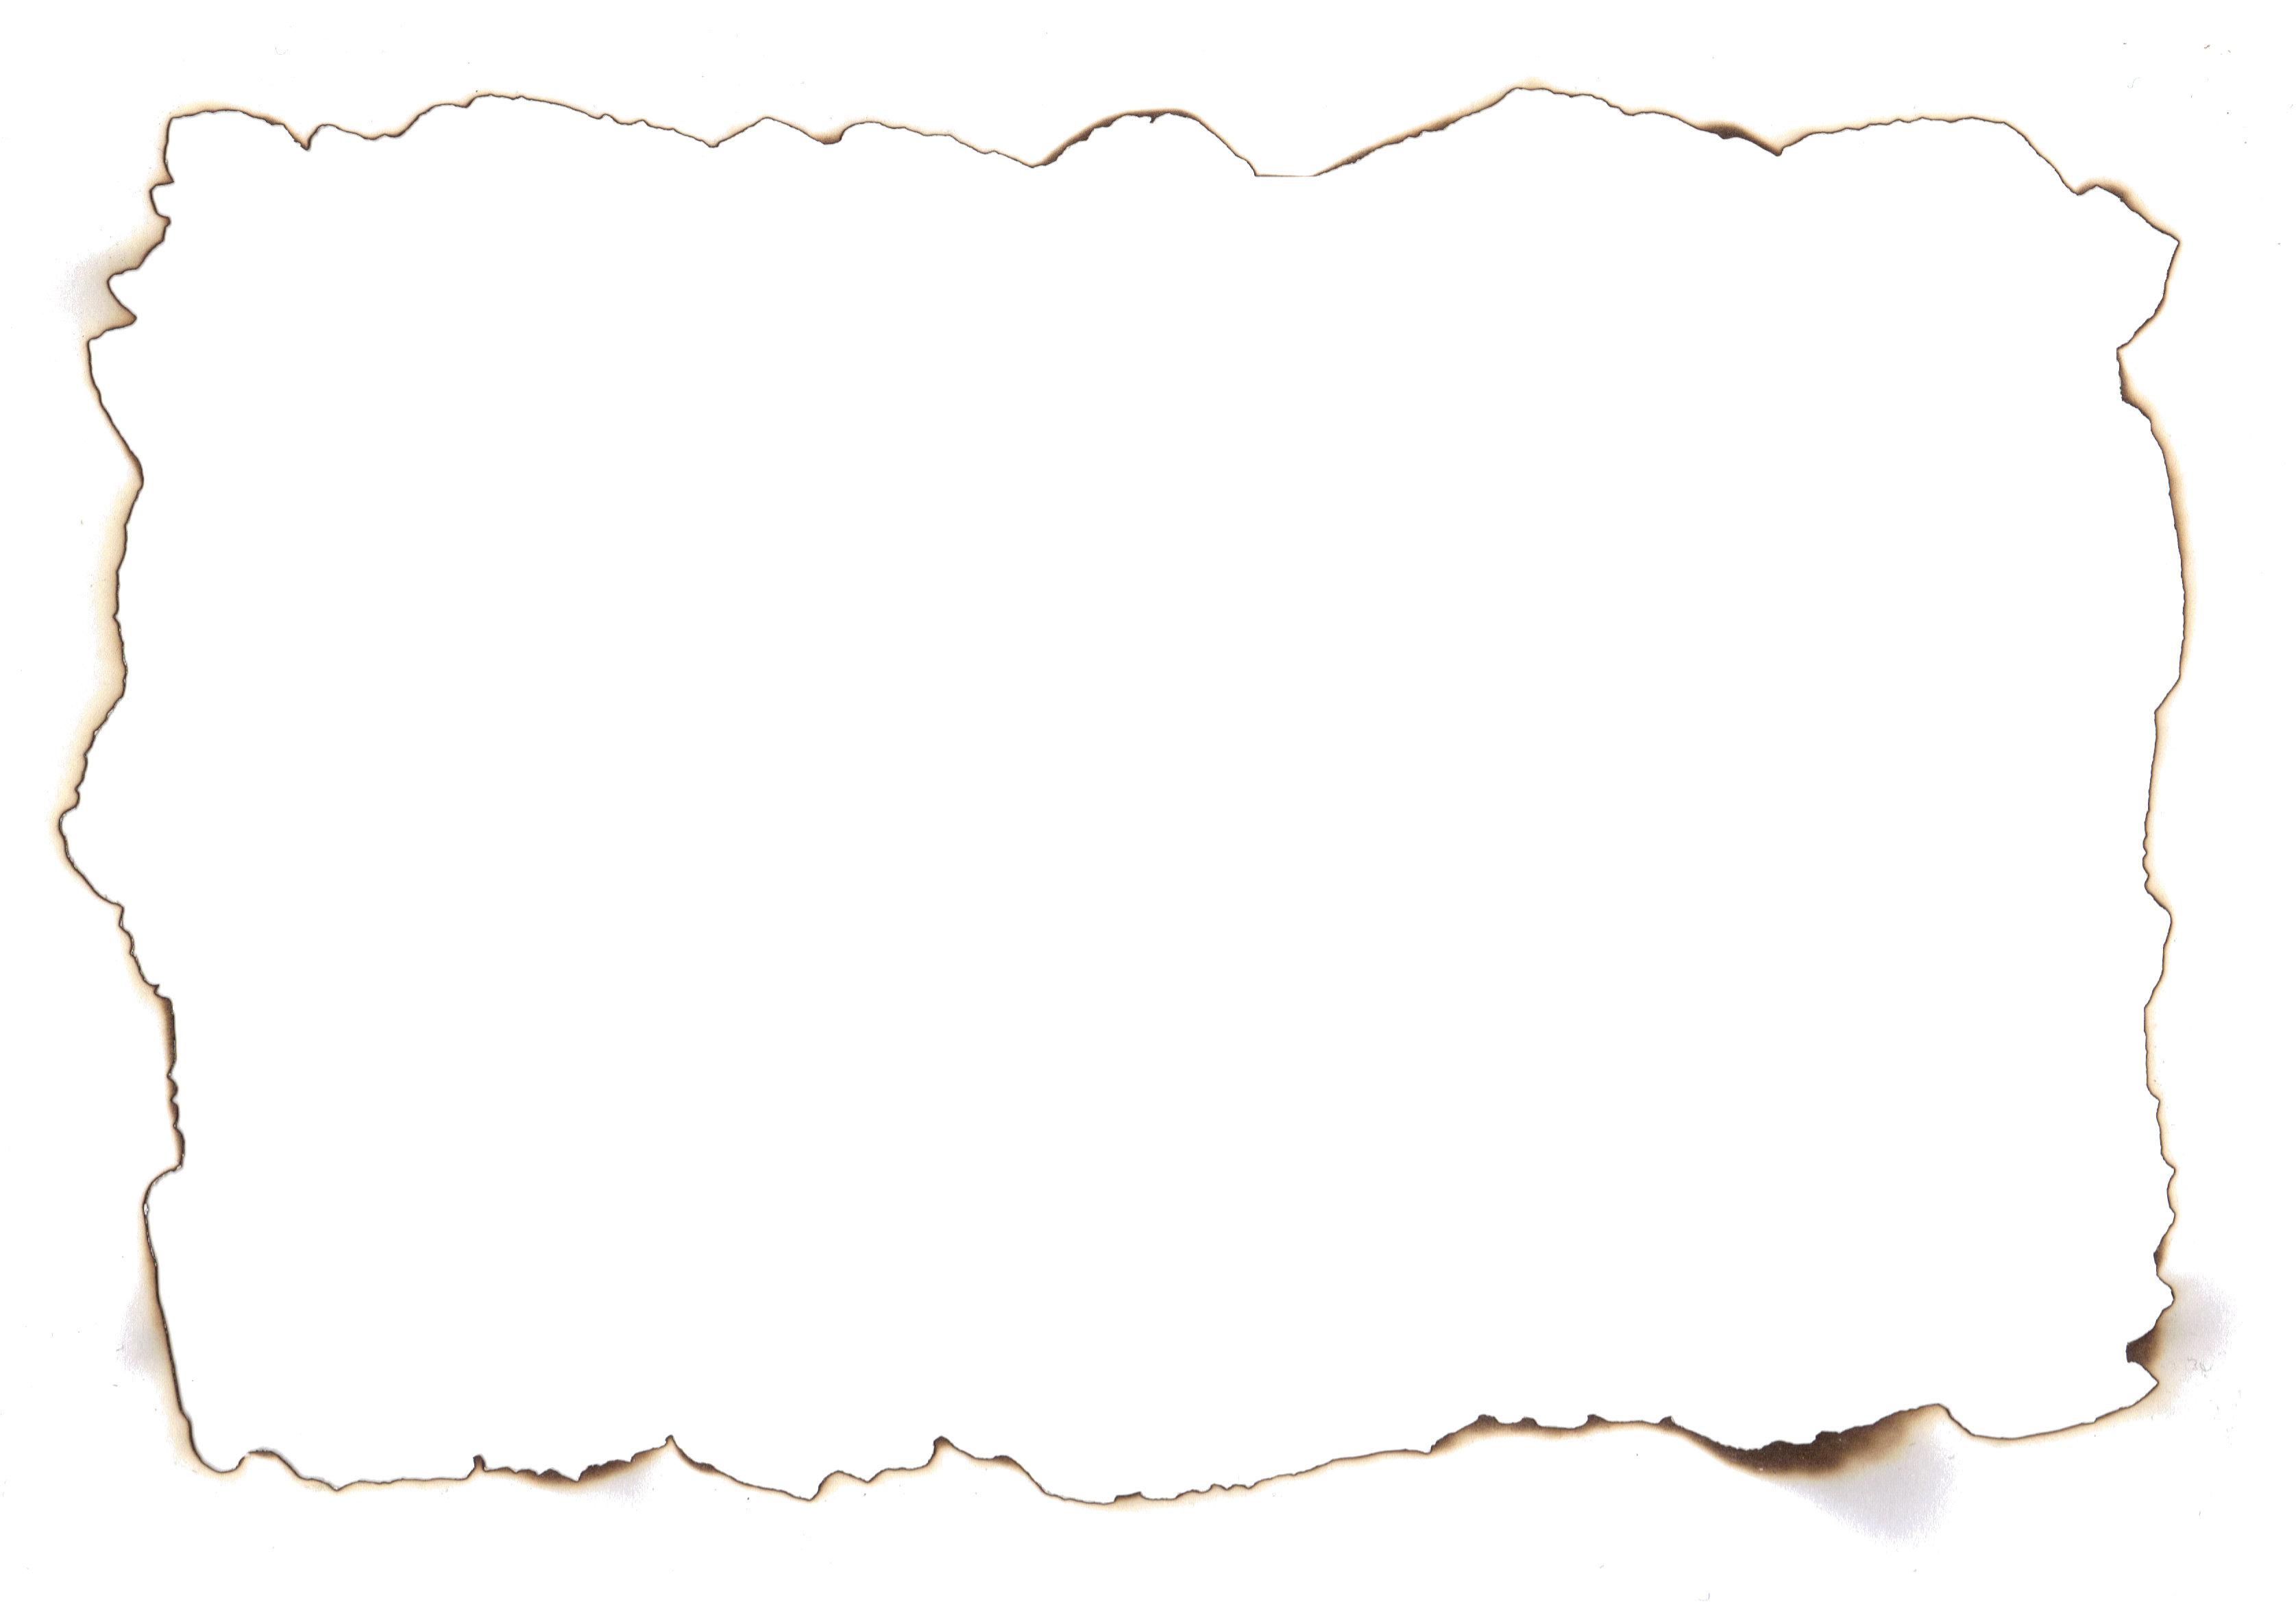 5 Burned Paper Frames (JPG) | OnlyGFX.com